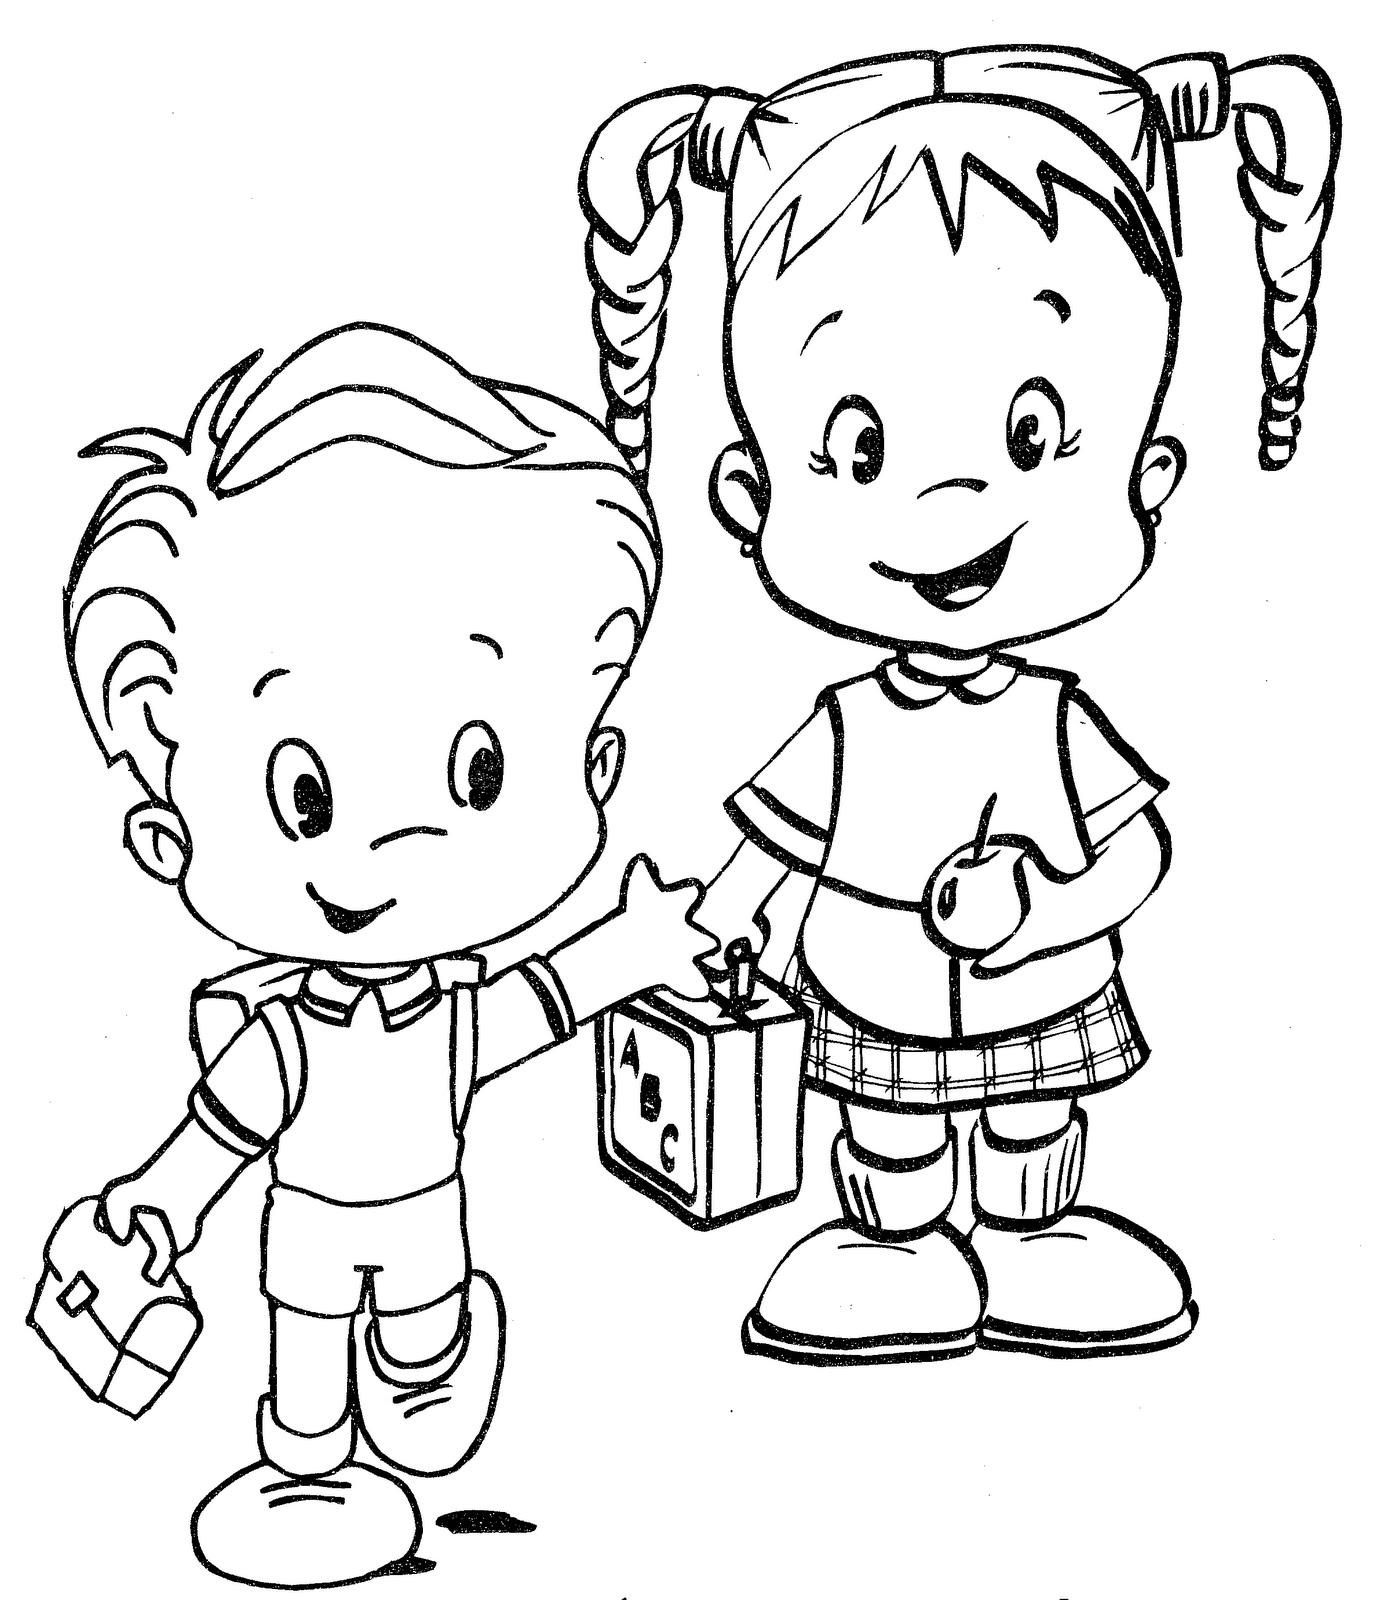 Dibujos de niños para colorear | Colorear imágenes